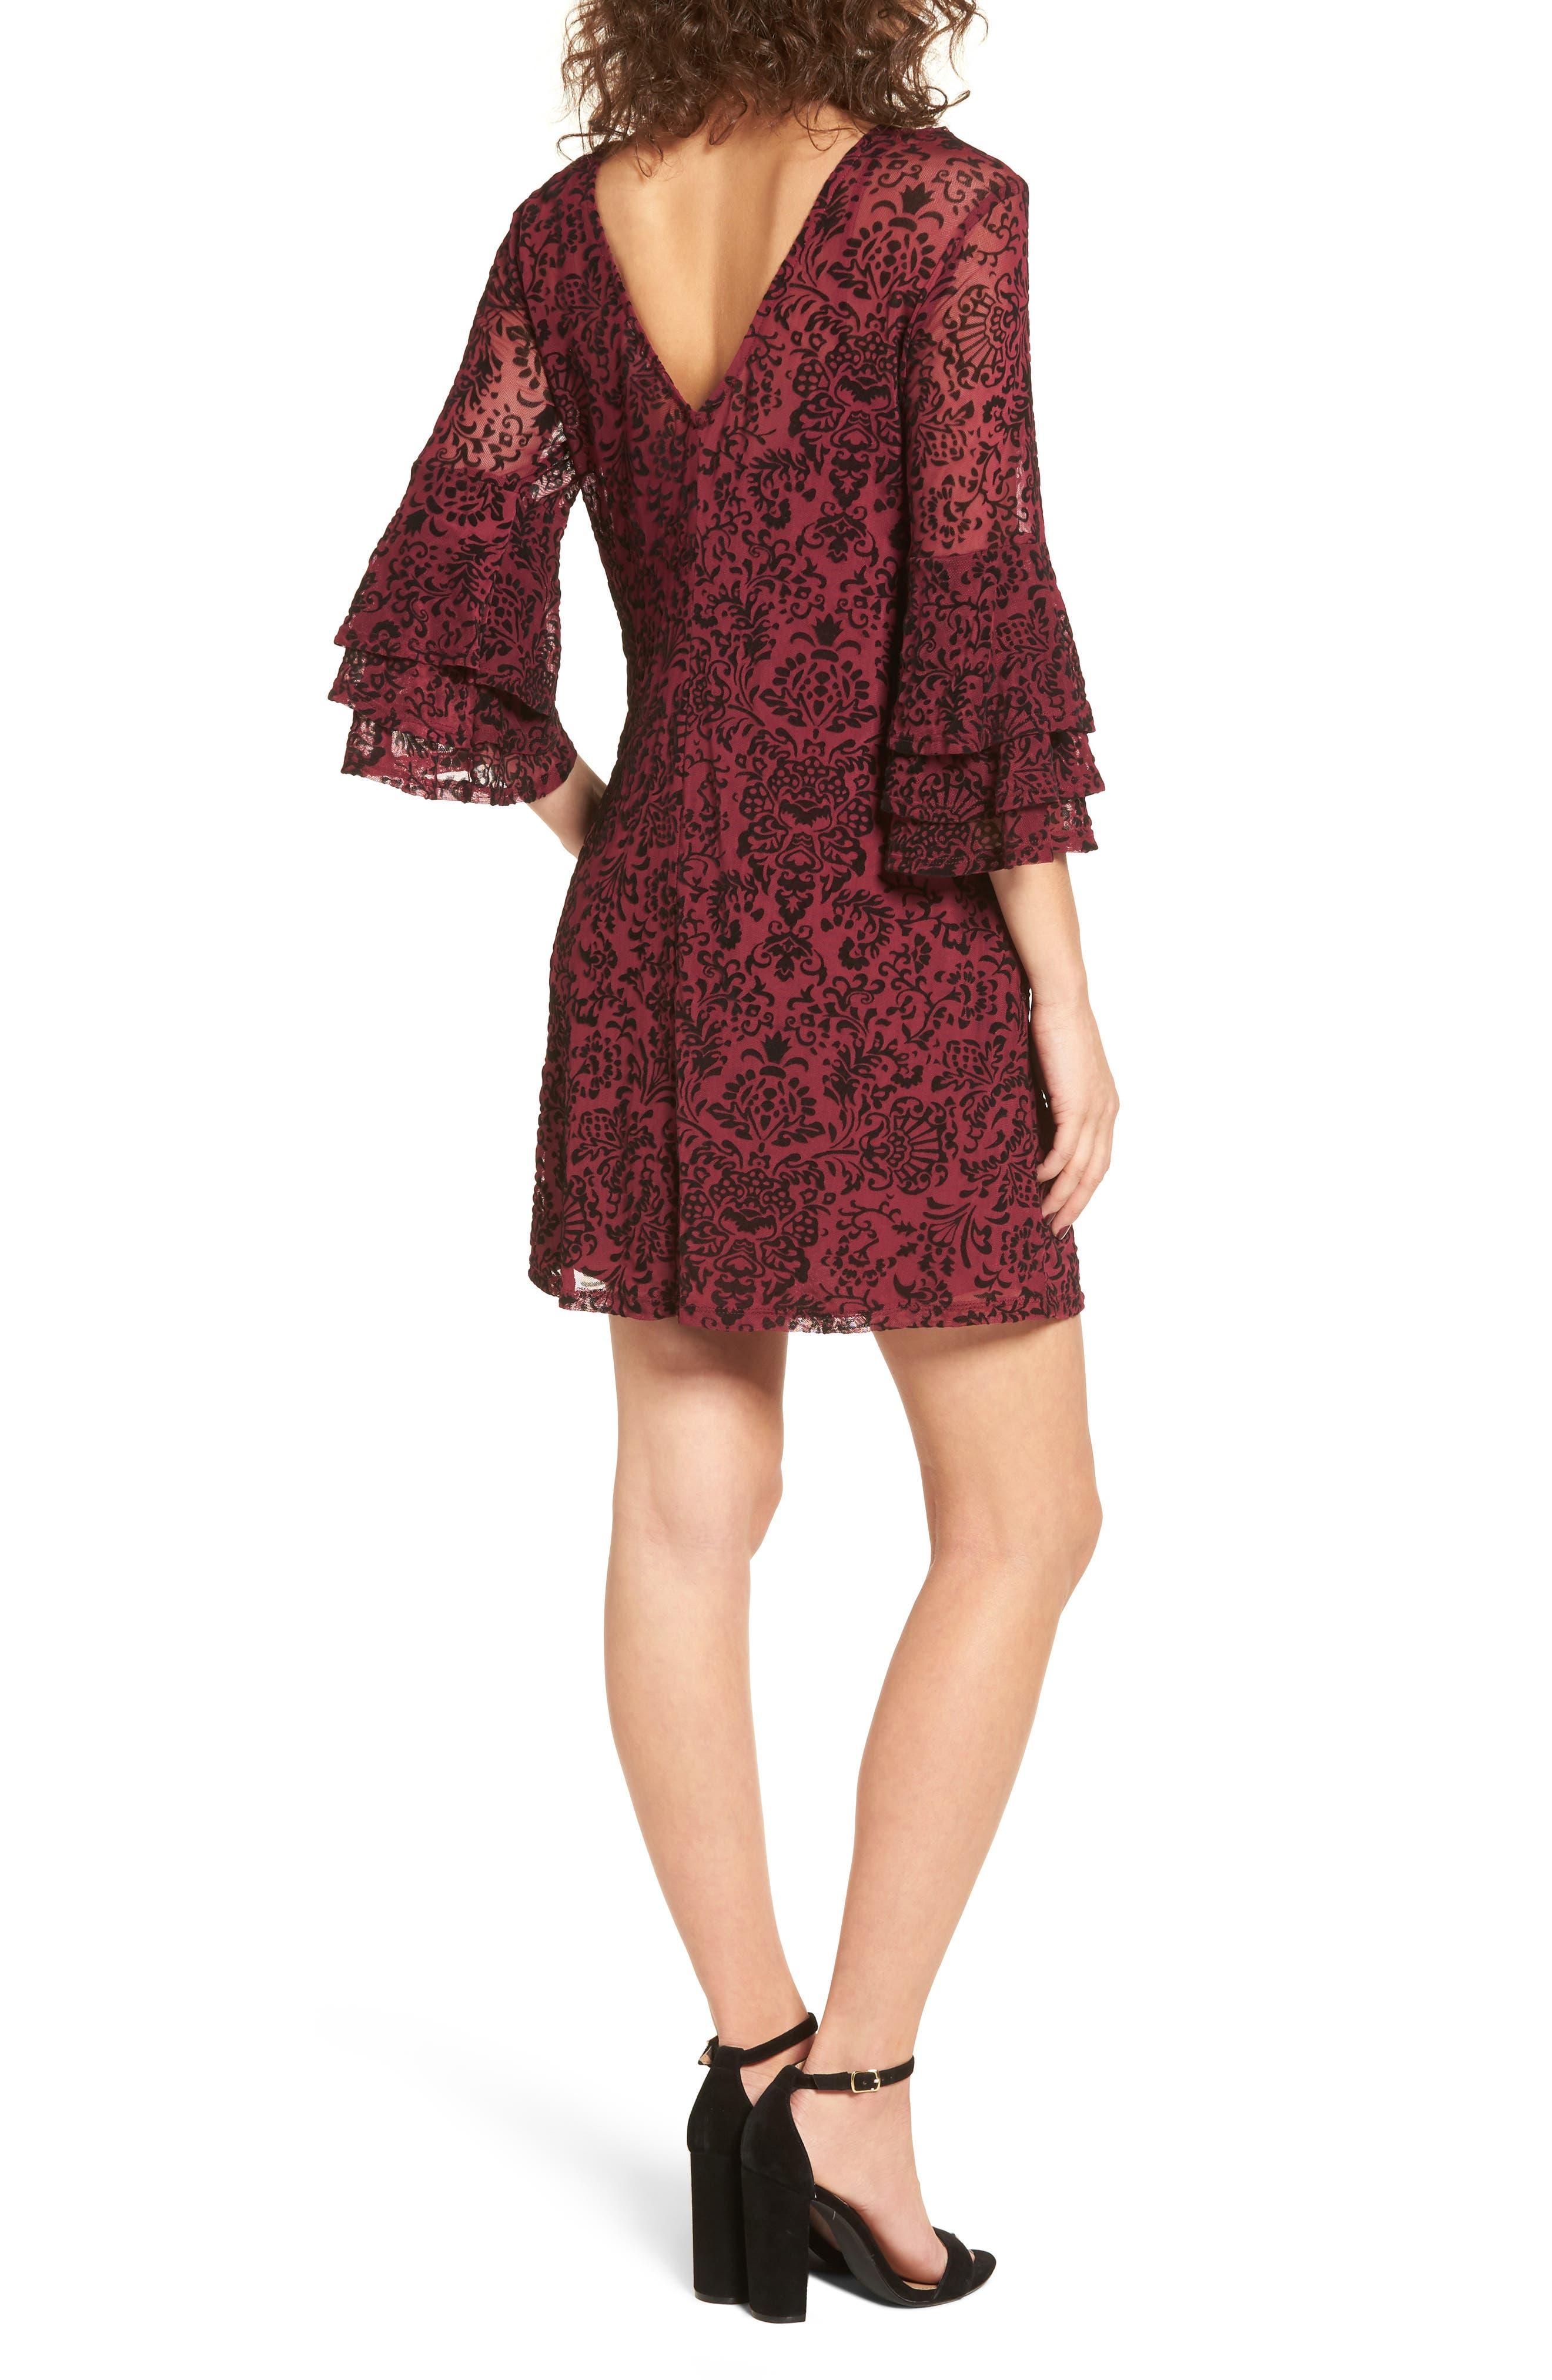 Velvet Detail Minidress,                             Alternate thumbnail 2, color,                             Burgundy/ Black